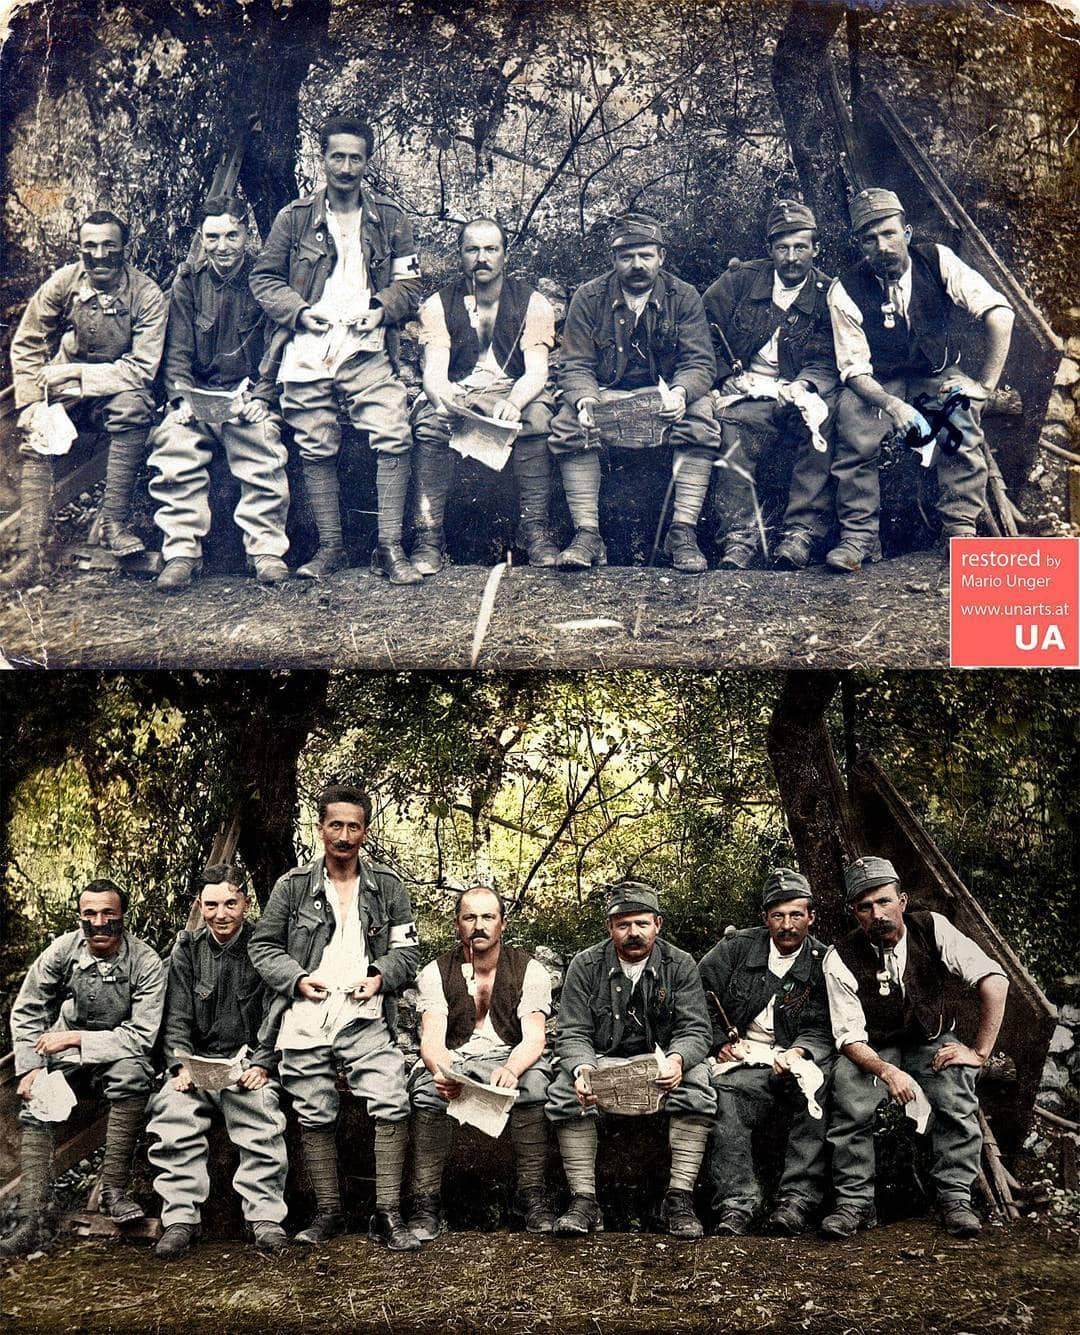 1567001488 31557bf14308823ca3b0e74b5140f2b2 - Фотограф из Австрии восстанавливает порванные и выцветшие снимки, которые другие бы выбросили